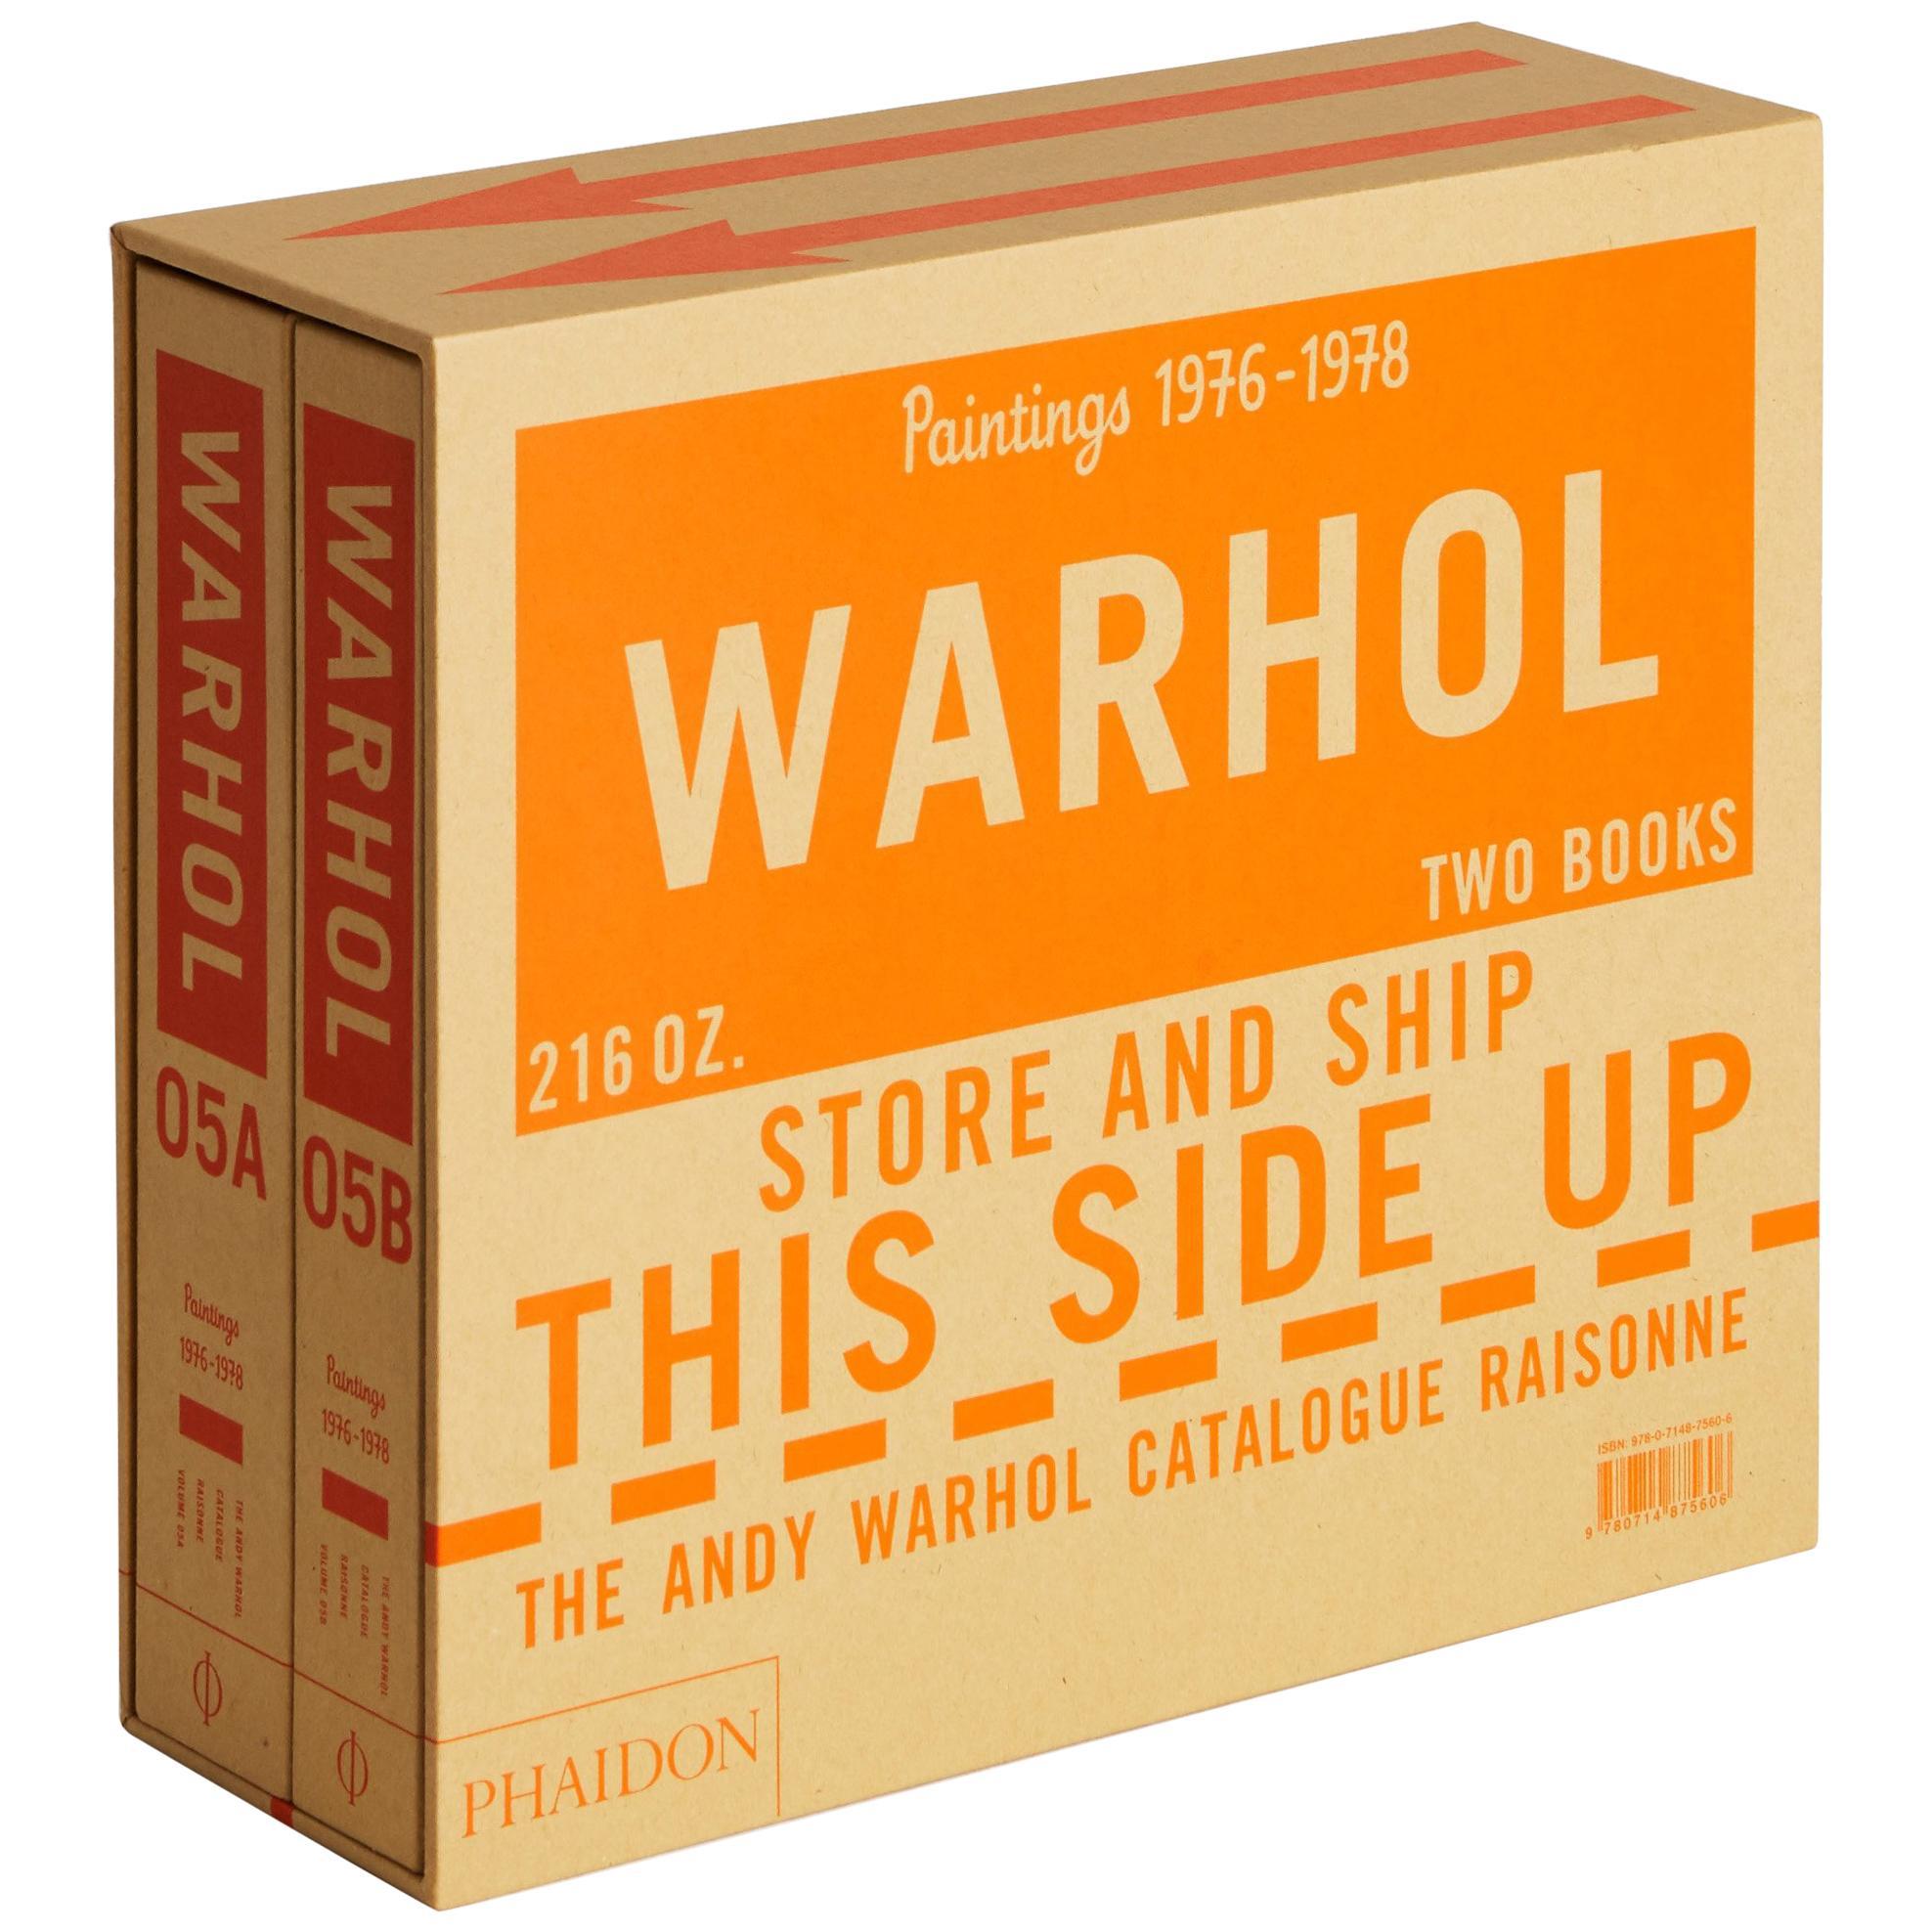 Andy Warhol Catalogue Raisonné, Paintings, 1976-1978, Volume 5